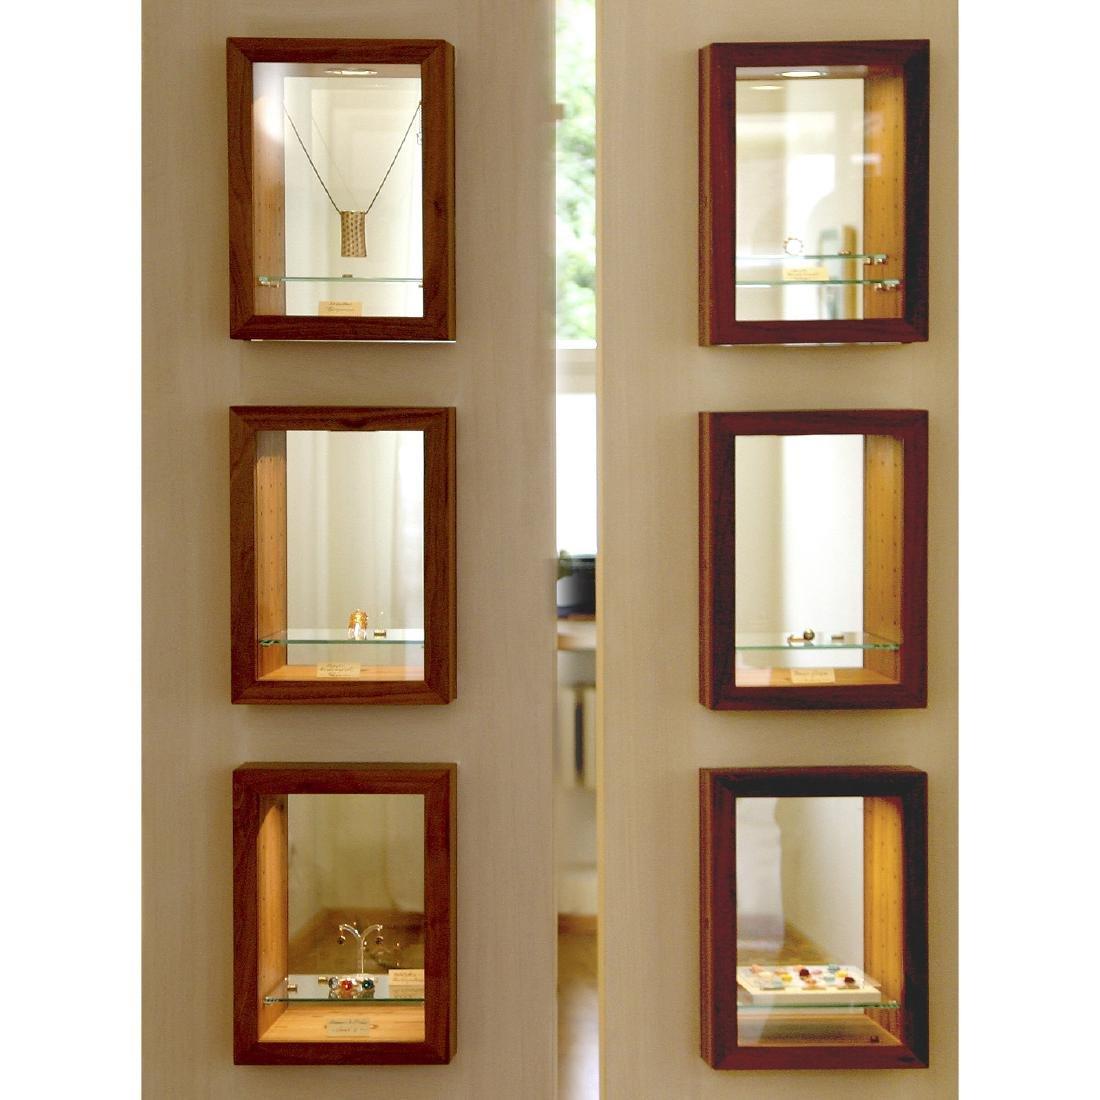 6 Custom-Built Designer Vitrines by Buchal & Krings, - 5